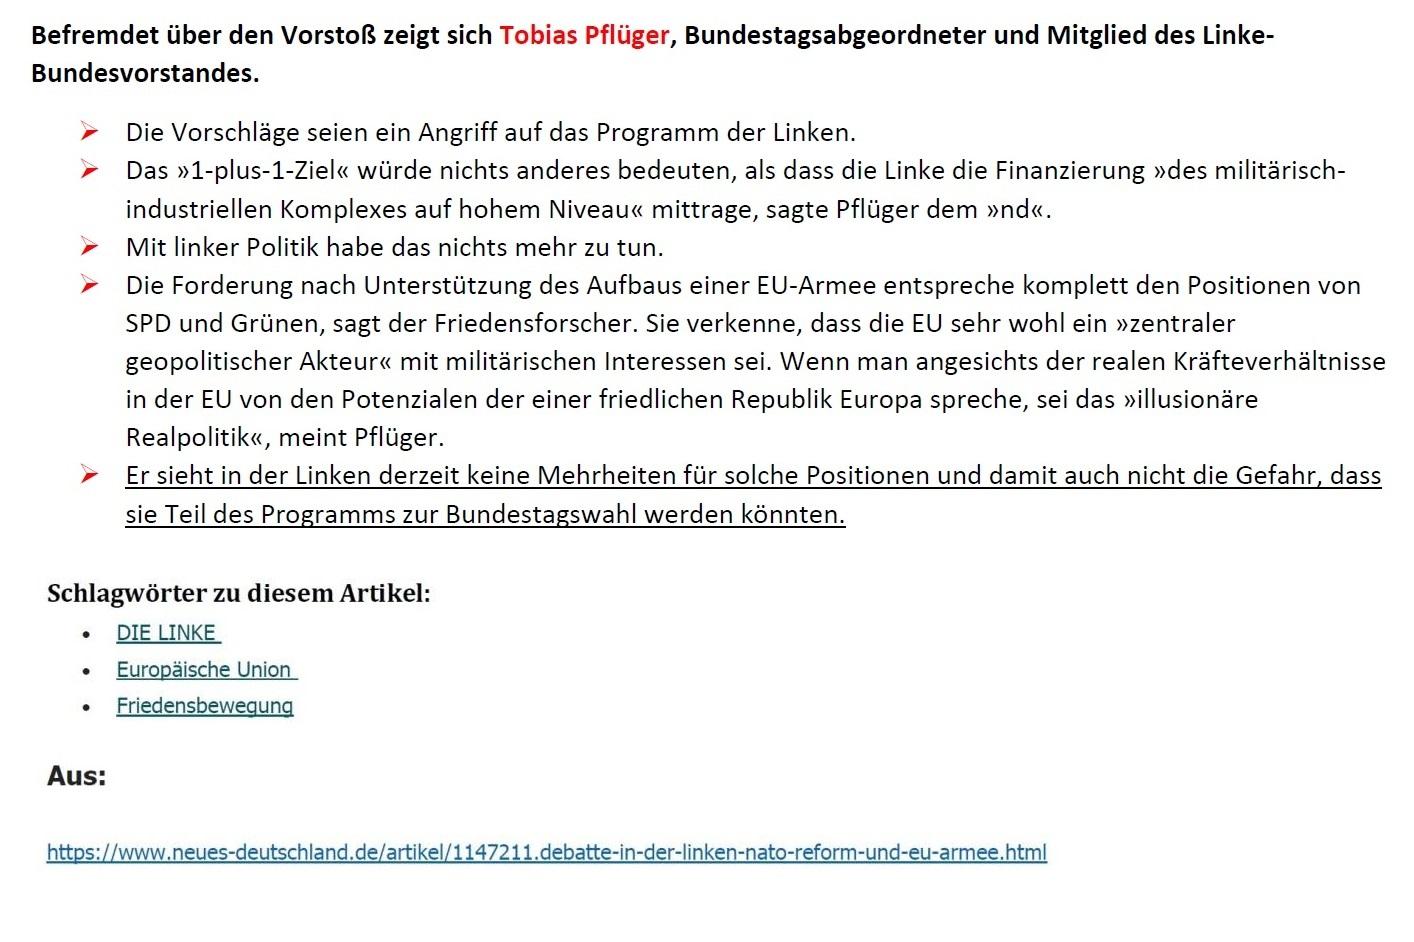 Aus dem Posteingang von Siegfried Dienel - Matthias Höhn fordert Revision friedenspolitischer Grundsätze seiner Partei und sieht bei ihr mangelnden Realitätssinn - Abschnitt 3